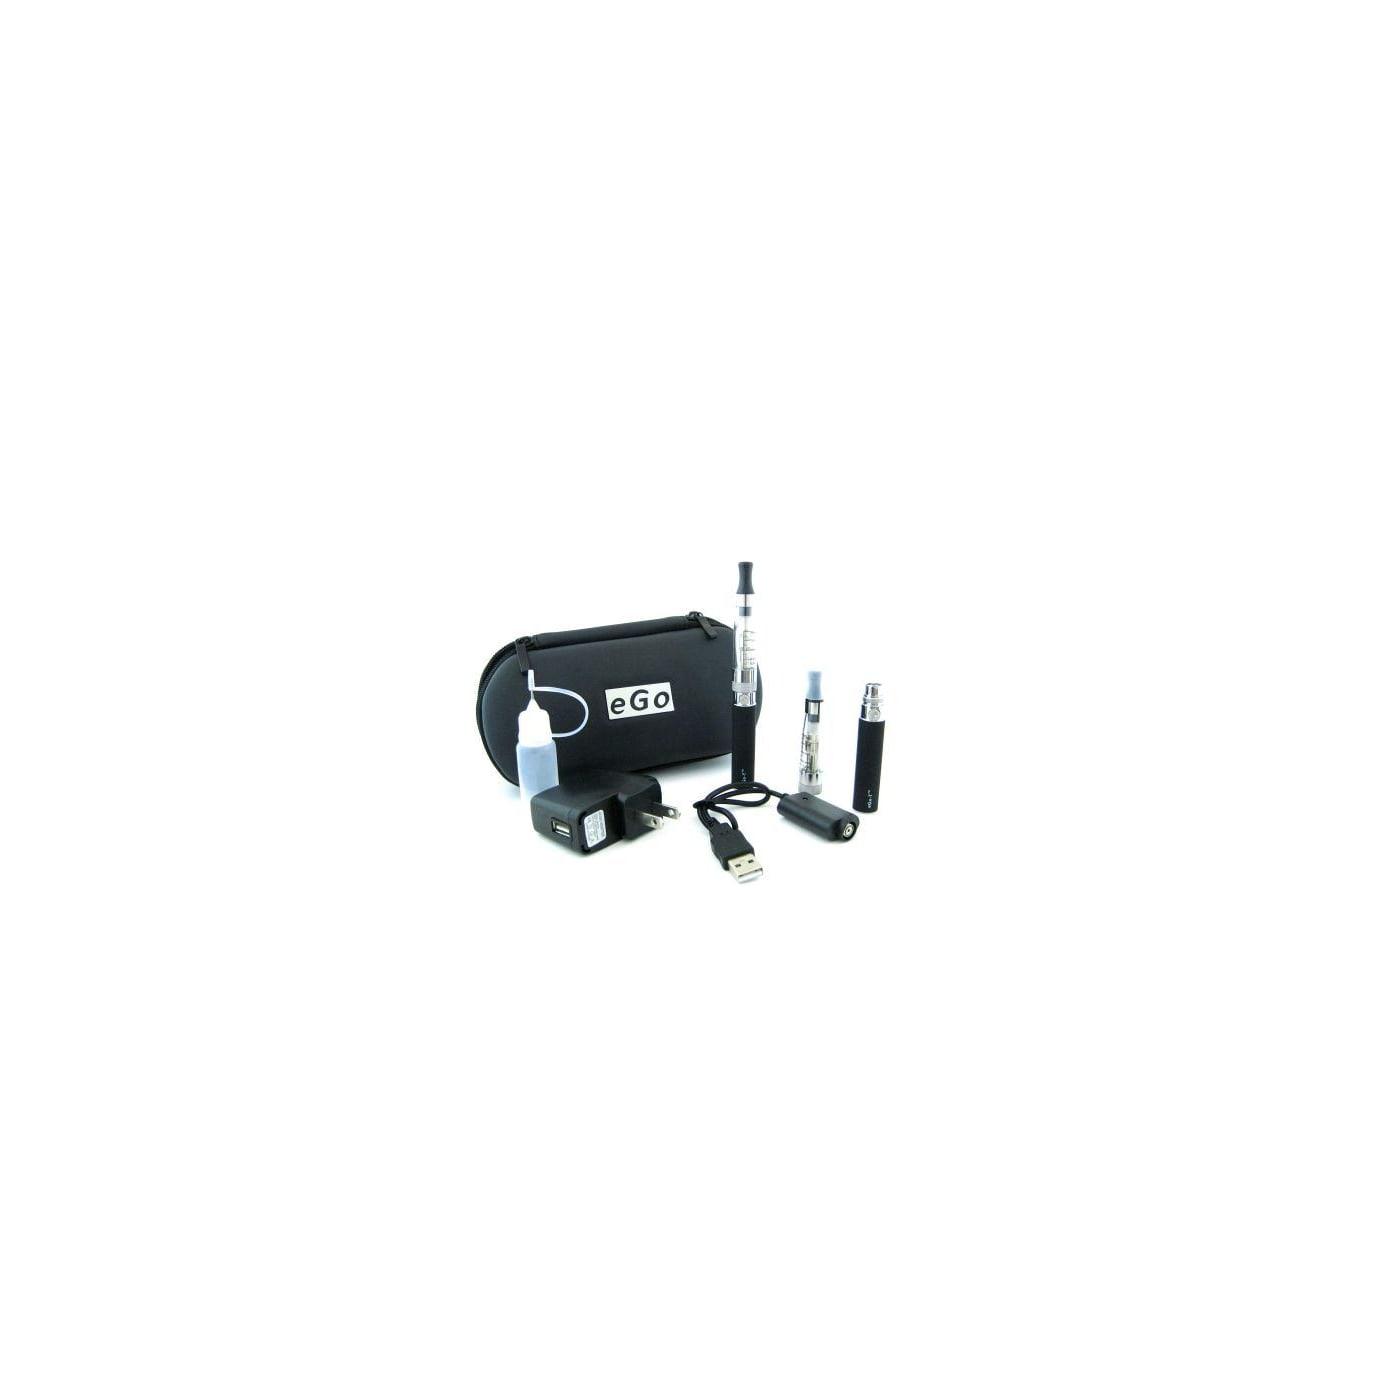 eGo 650 mAh Starter Kit - Black